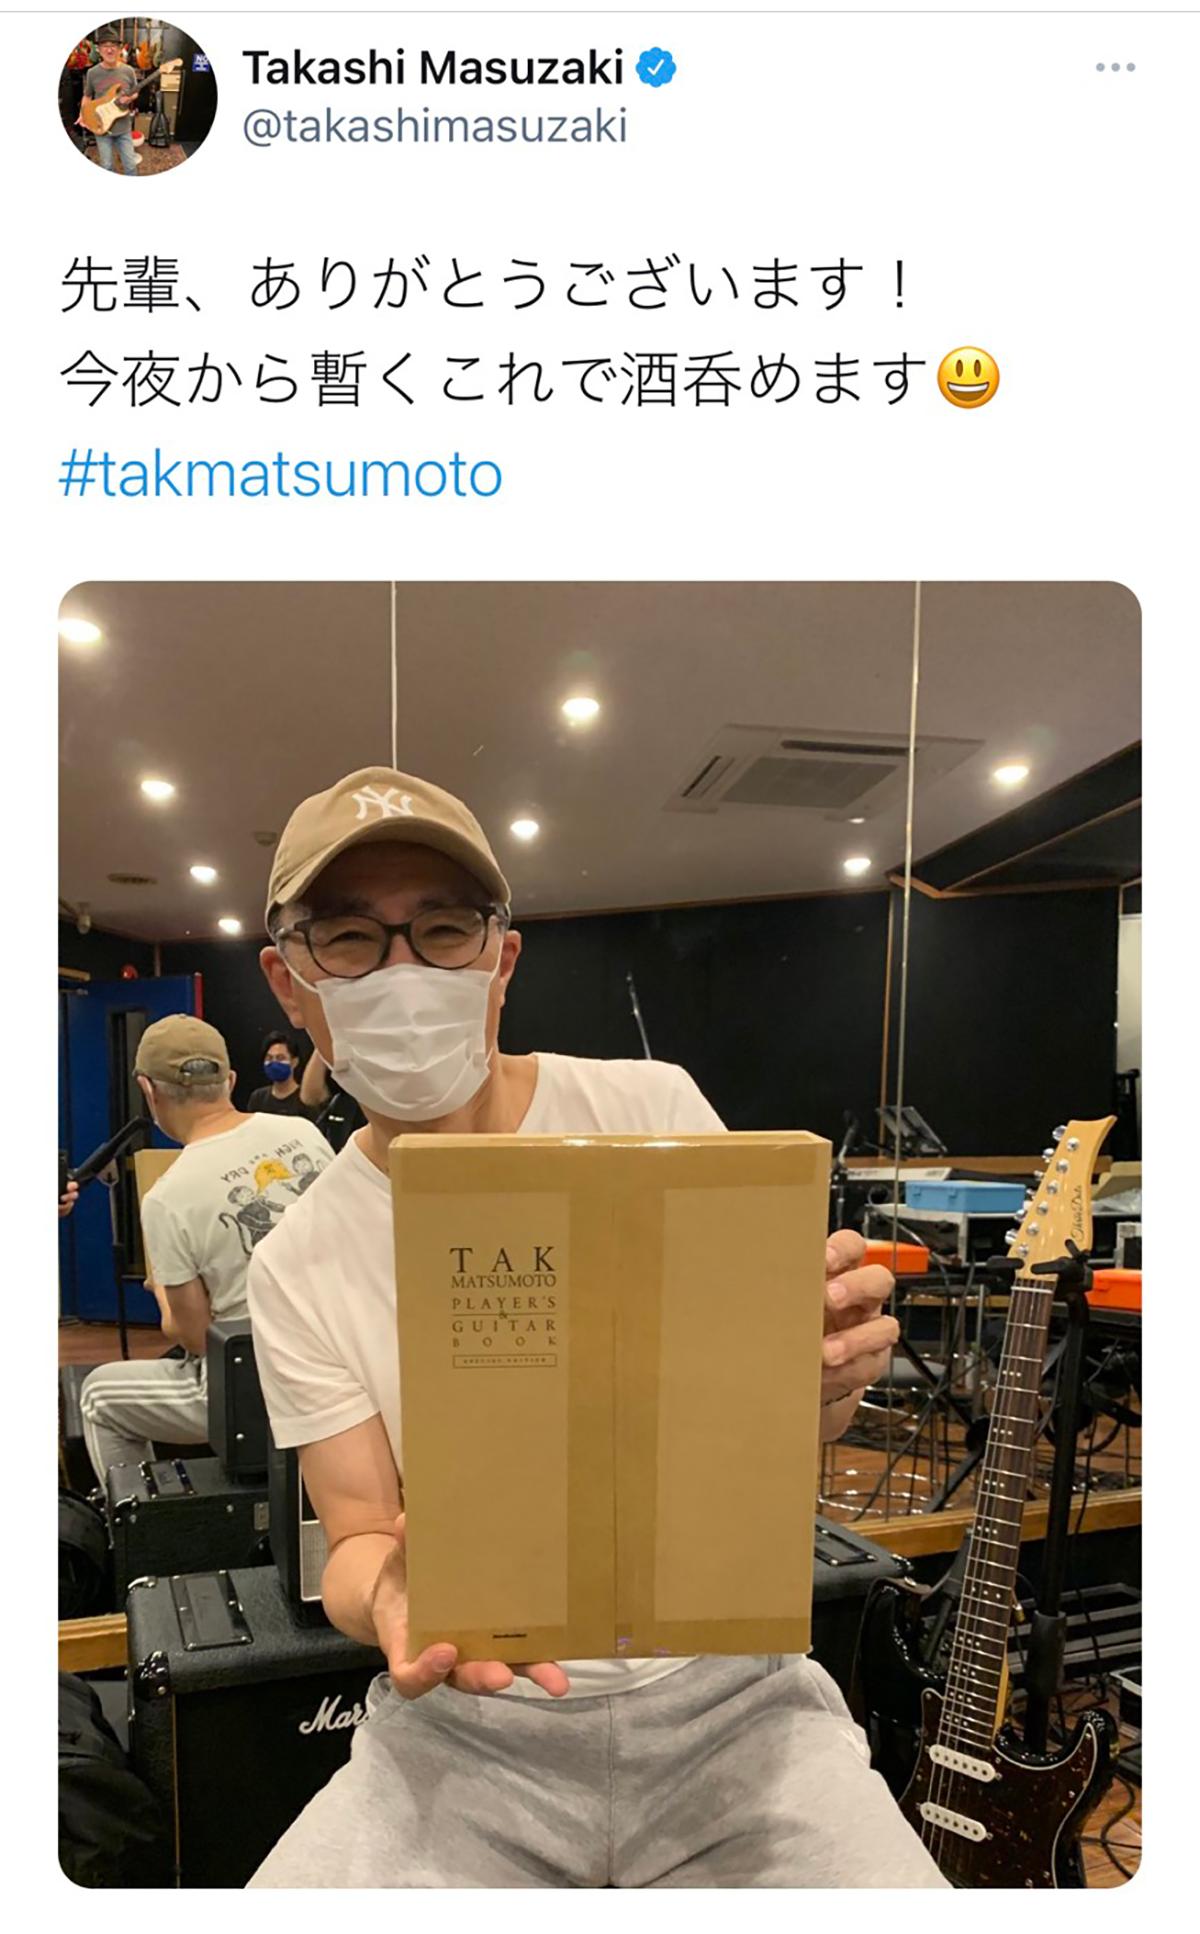 ギタリスト・増崎孝司が、B'z松本孝弘の書籍が到着したことを報告している写真